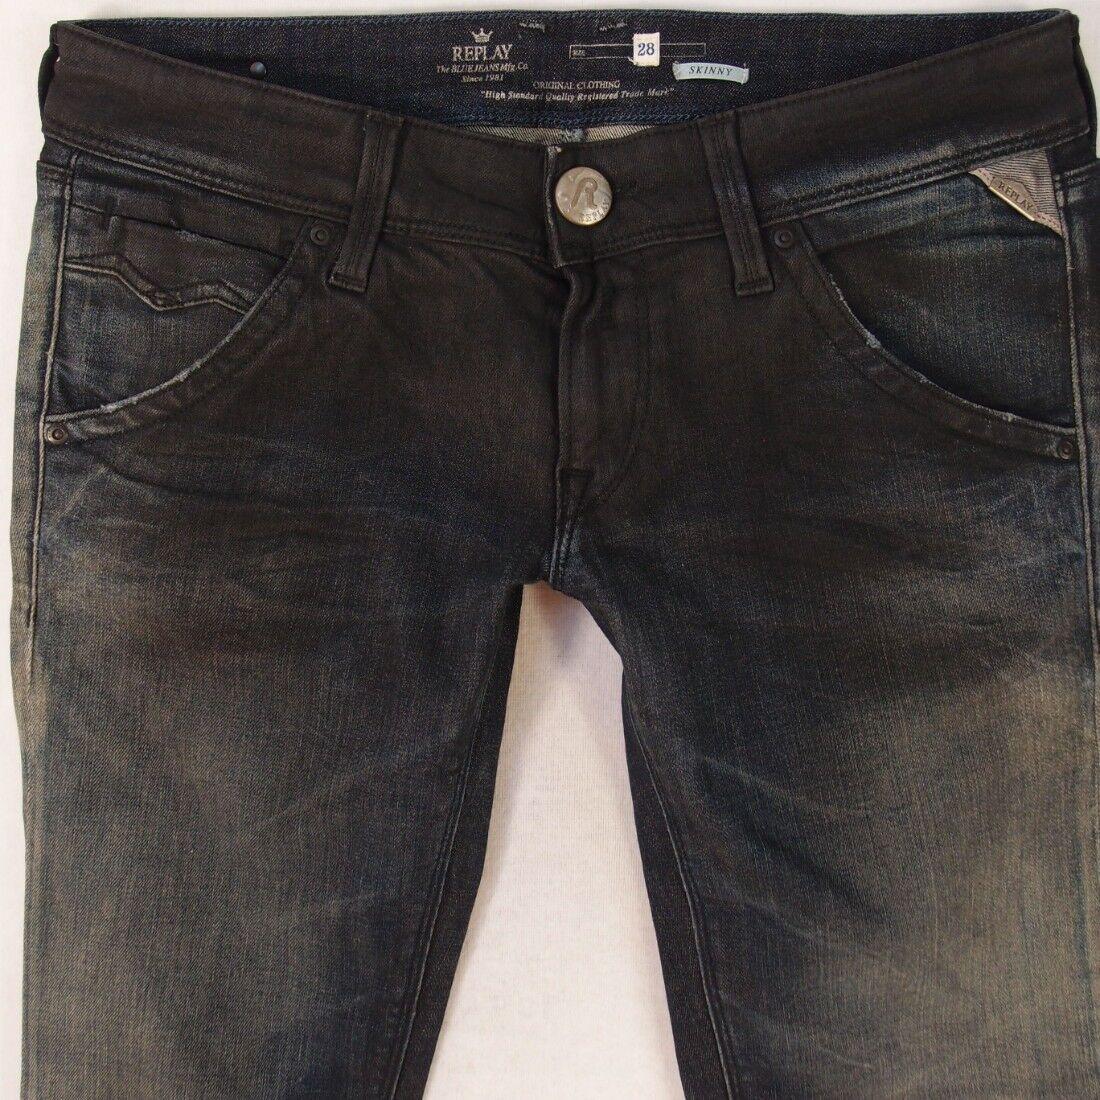 Donna REPLAY WX600 Suzanne Stretch Skinny blu Jeans W28 L32 UK Taglia 8